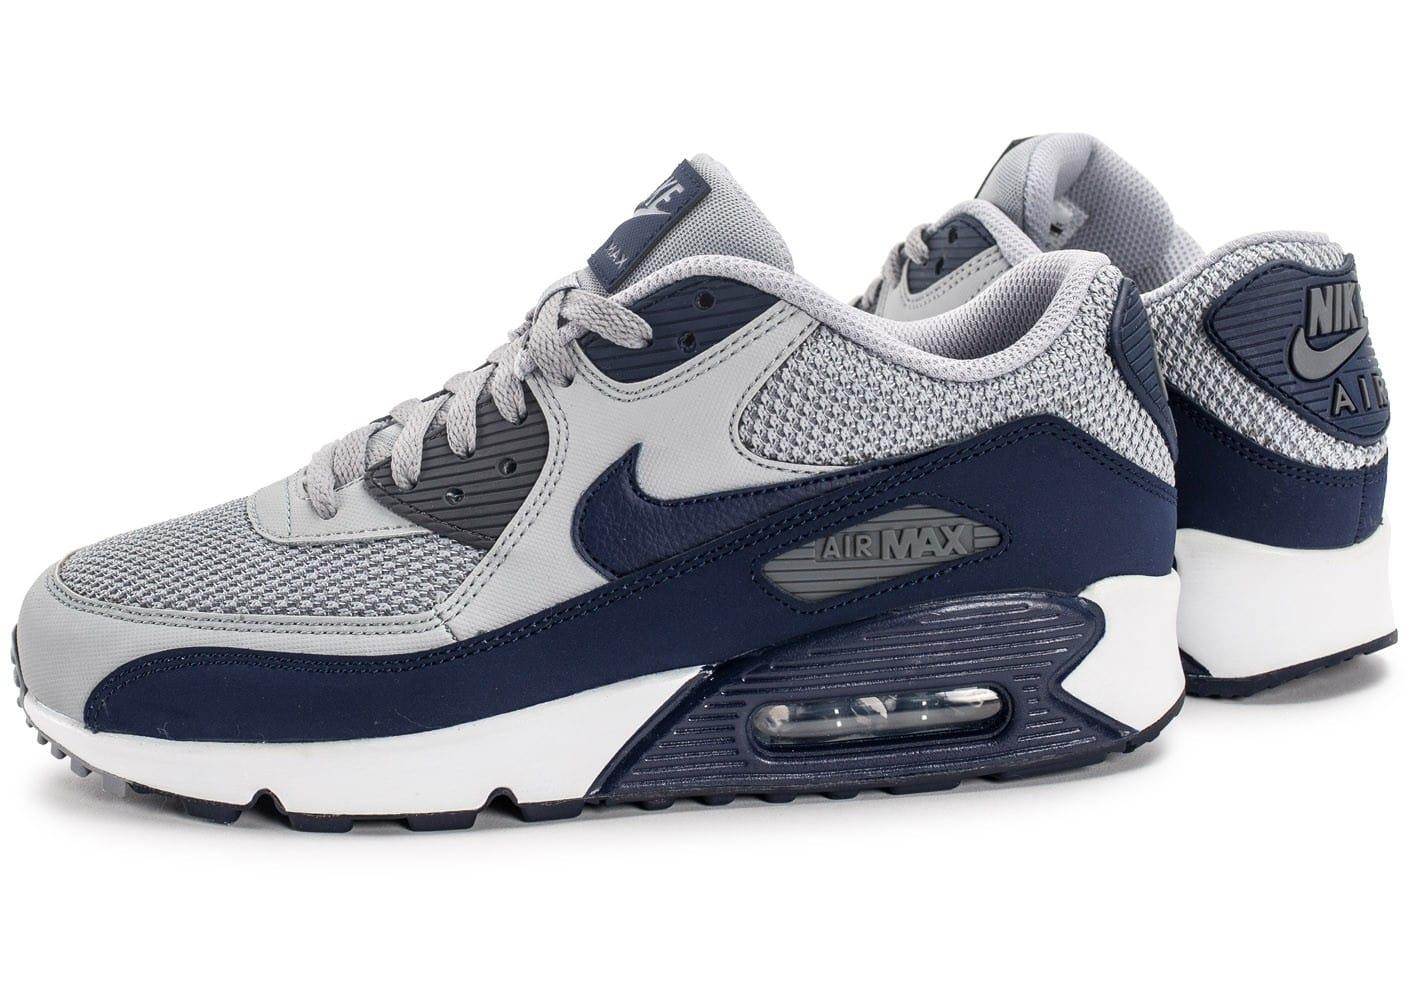 finest selection f0b69 b0f3d Achat De ve Nike Air Max 90 Homme Bleu Chaussures Pas Cher Alainhemet